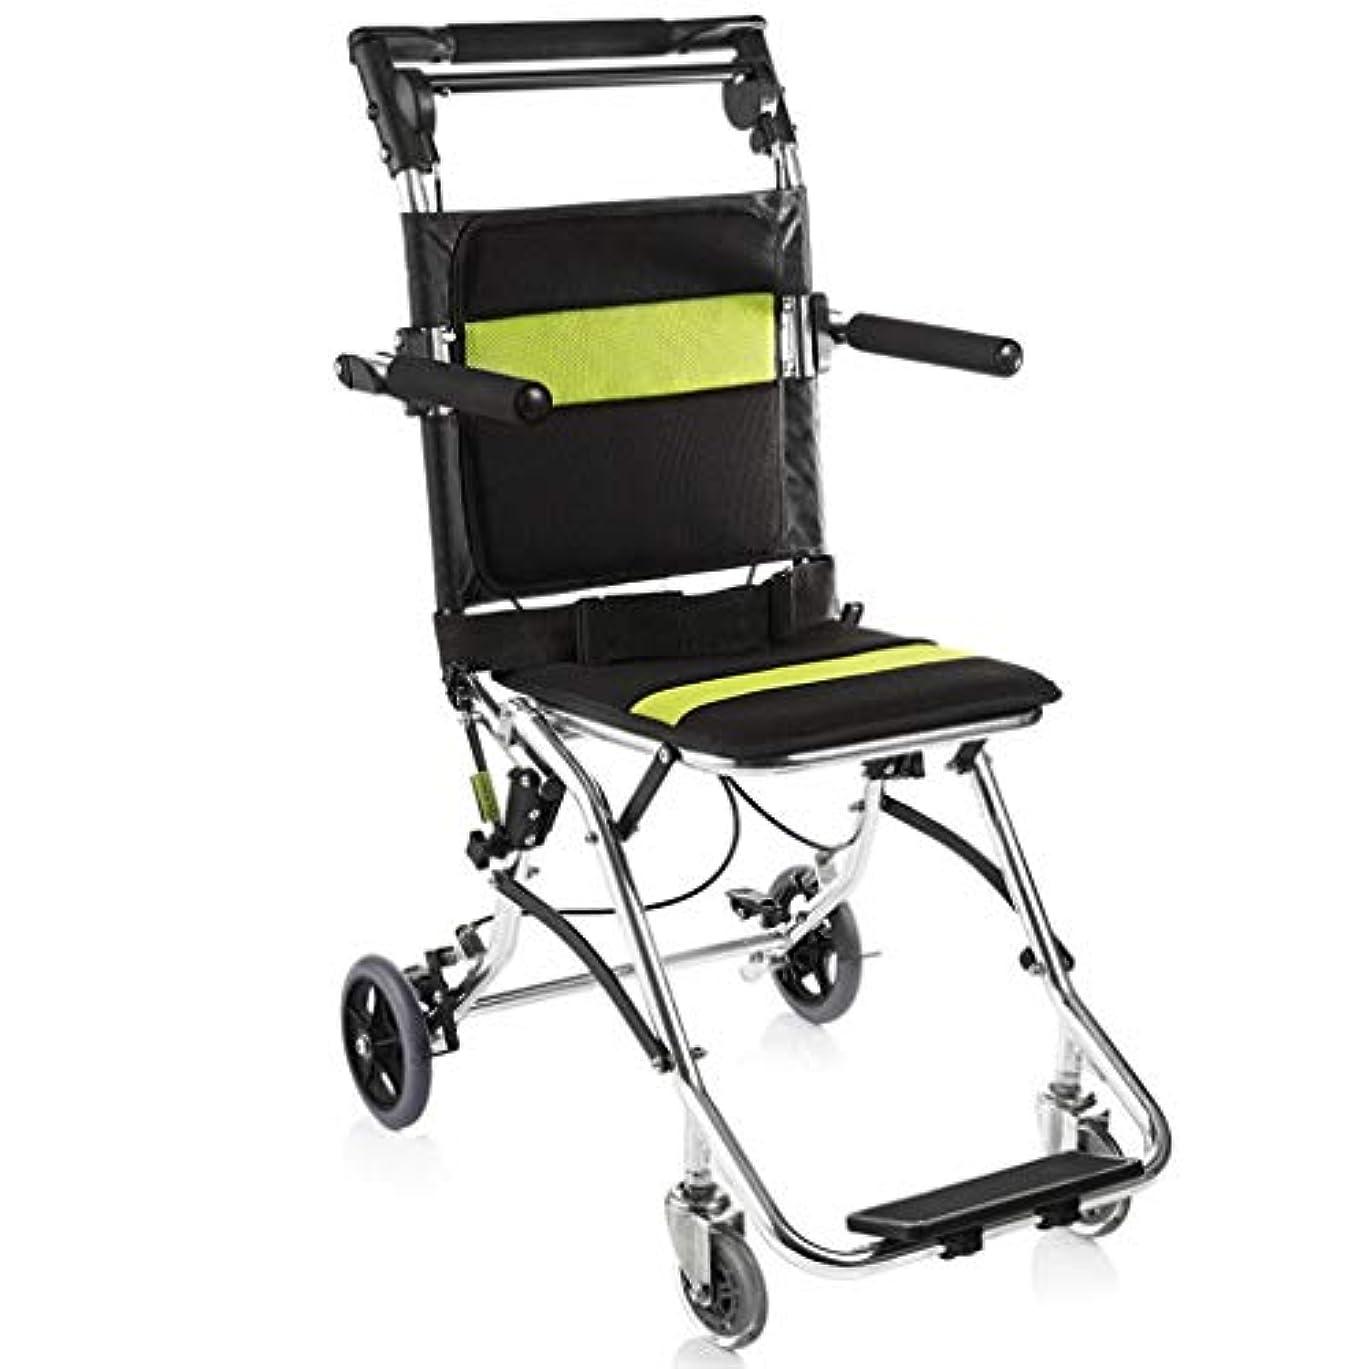 関係ない刺繍レイ車椅子折りたたみフルオブリーク/リクライニングデザイン、多機能高齢者ポータブルトロリー、四輪ブレーキ車椅子